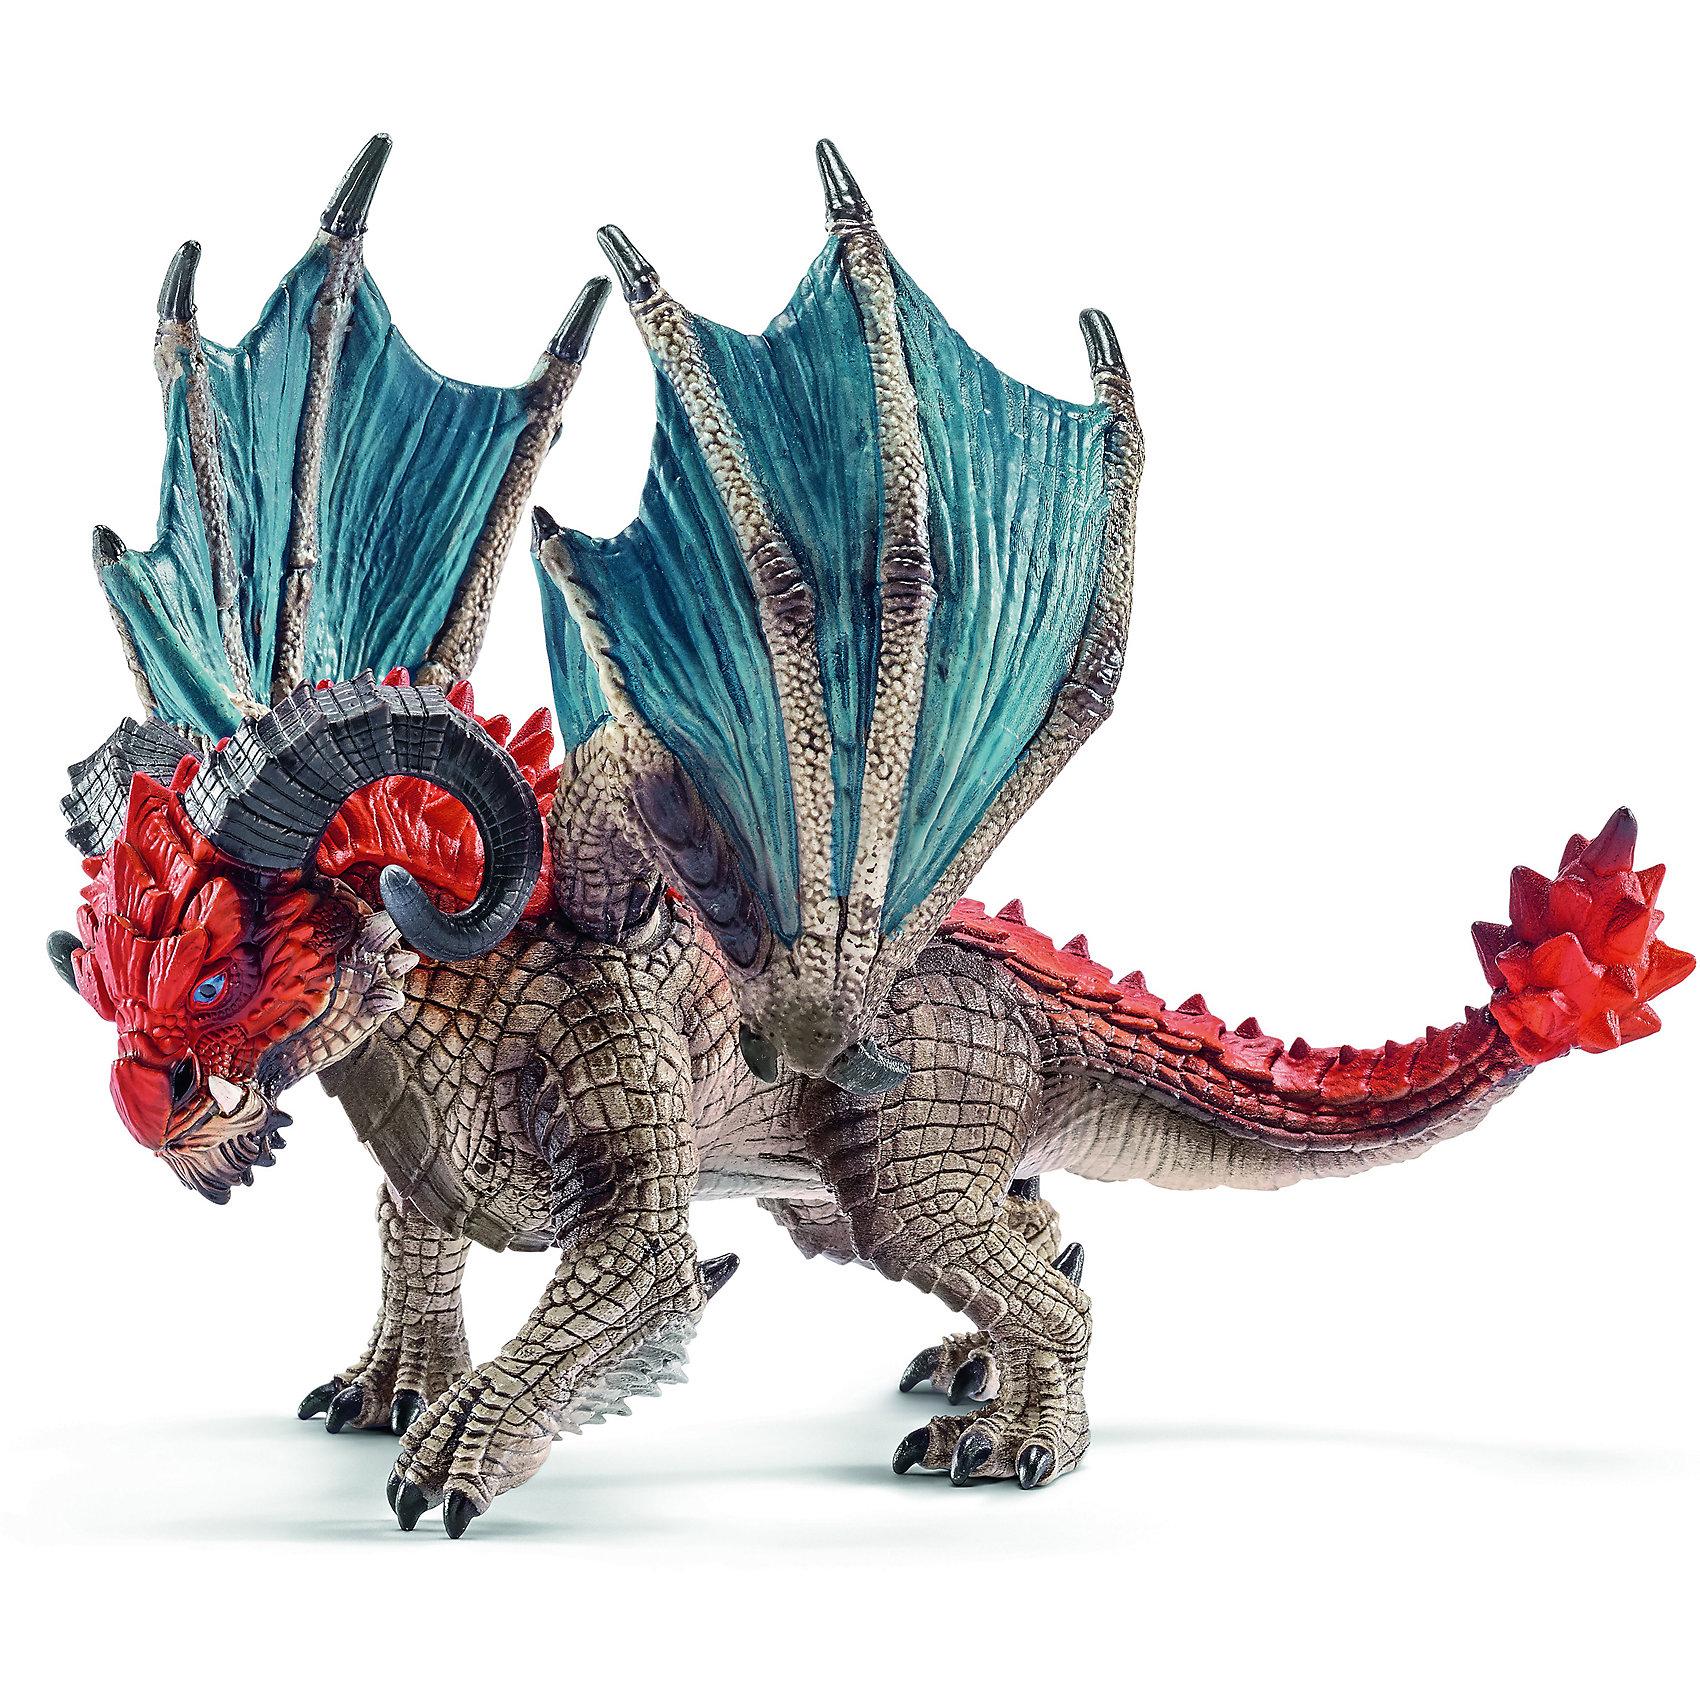 Дракон Таран, SchleichДраконы и динозавры<br>Дракон Таран, Schleich (Шляйх) – это высококачественная игровая фигурка.<br>Дракон Таран из серии Рыцари от Schleich (Шляйх) - восхитительная фигурка дракона, которая сделает игры с рыцарями и воинами еще увлекательнее. Своими рогами дракон Таран может проломить даже ворота рыцарского замка. Там, где обычные драконы, применяют когти, Таран использует свои рога, не оставляя камня на камне. Дракон редко пользуется огненным дыханием, имеет острое зрение и отлично маскируется. <br>Прекрасно выполненные фигурки Schleich (Шляйх) отличаются высочайшим качеством игрушек ручной работы. Каждая фигурка разработана с учетом исследований в области педагогики и производится как настоящее произведение для маленьких детских ручек. Все фигурки Schleich (Шляйх) сделаны из гипоаллергенных высокотехнологичных материалов, раскрашены вручную и не вызывают аллергии у ребенка.<br><br>Дополнительная информация:<br><br>- Размер фигурки: 11,7 х 14,2 х 10,8 см.<br>- Материал: высококачественный каучуковый пластик<br><br>Фигурку Дракон Таран, Schleich (Шляйх) можно купить в нашем интернет-магазине.<br><br>Ширина мм: 214<br>Глубина мм: 139<br>Высота мм: 104<br>Вес г: 182<br>Возраст от месяцев: 36<br>Возраст до месяцев: 96<br>Пол: Мужской<br>Возраст: Детский<br>SKU: 3902630